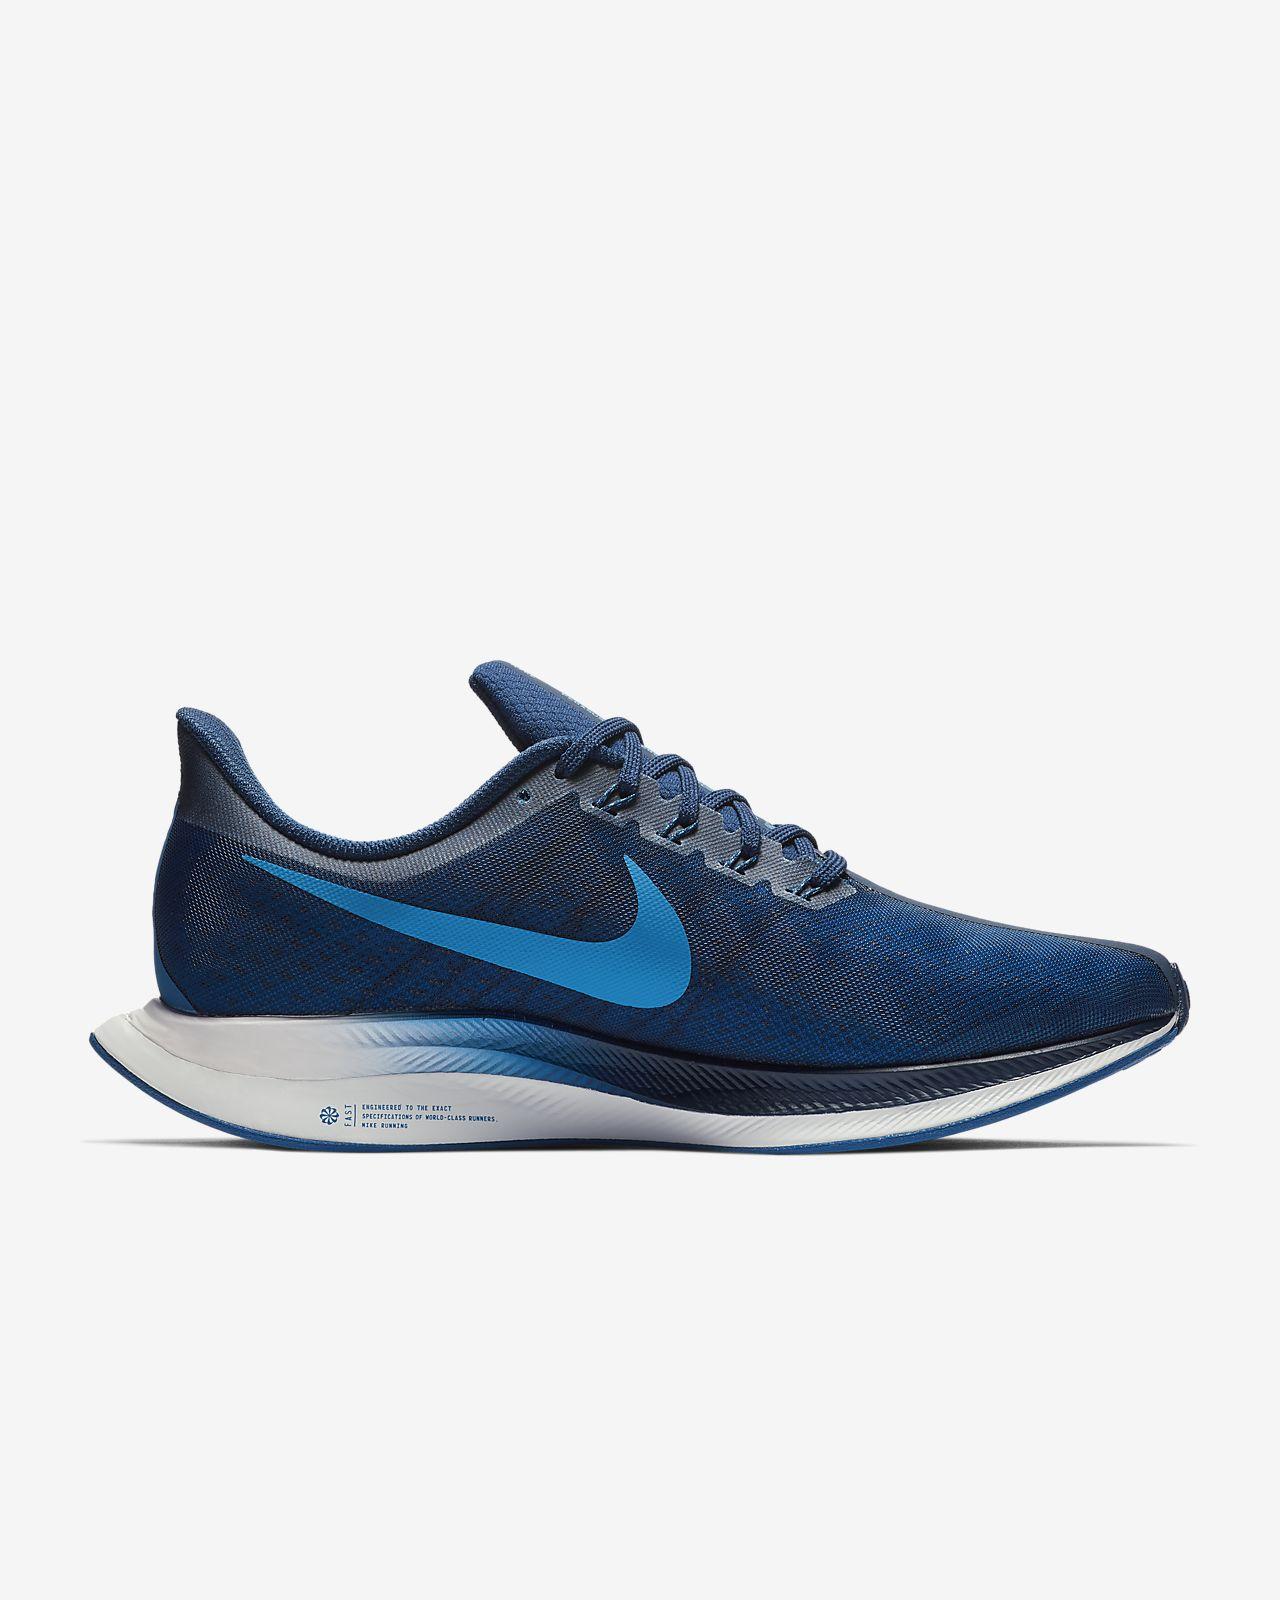 ad6f29efb9ad Nike Zoom Pegasus Turbo Men s Running Shoe. Nike.com GB